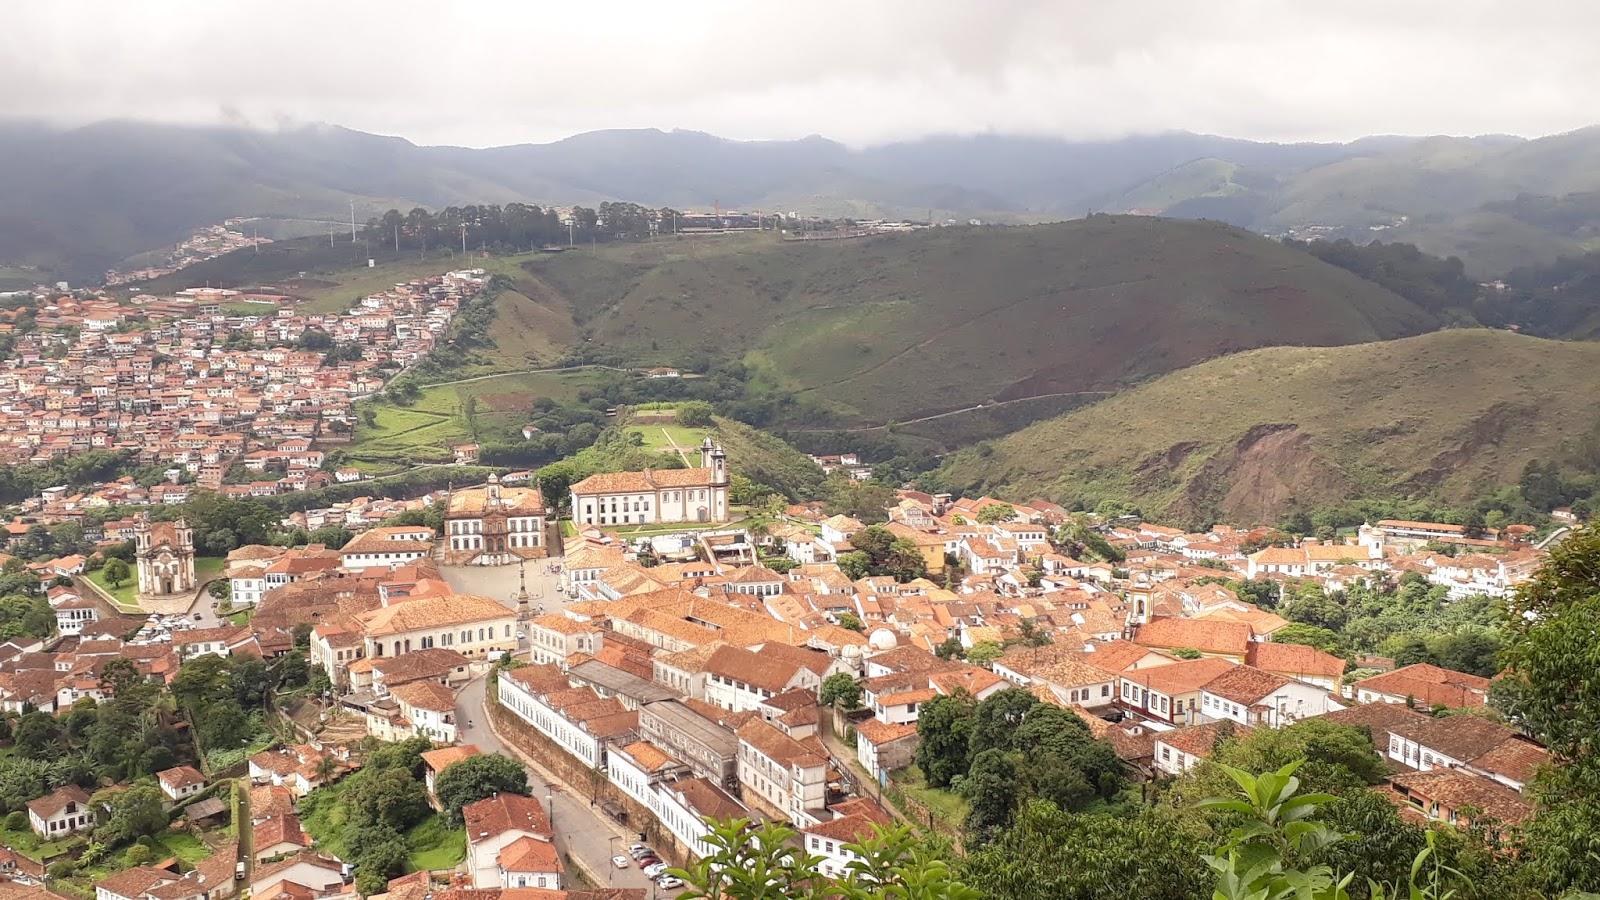 Vista para a cidade de Ouro Preto a partir do Mirante do Morro de São Sebastião